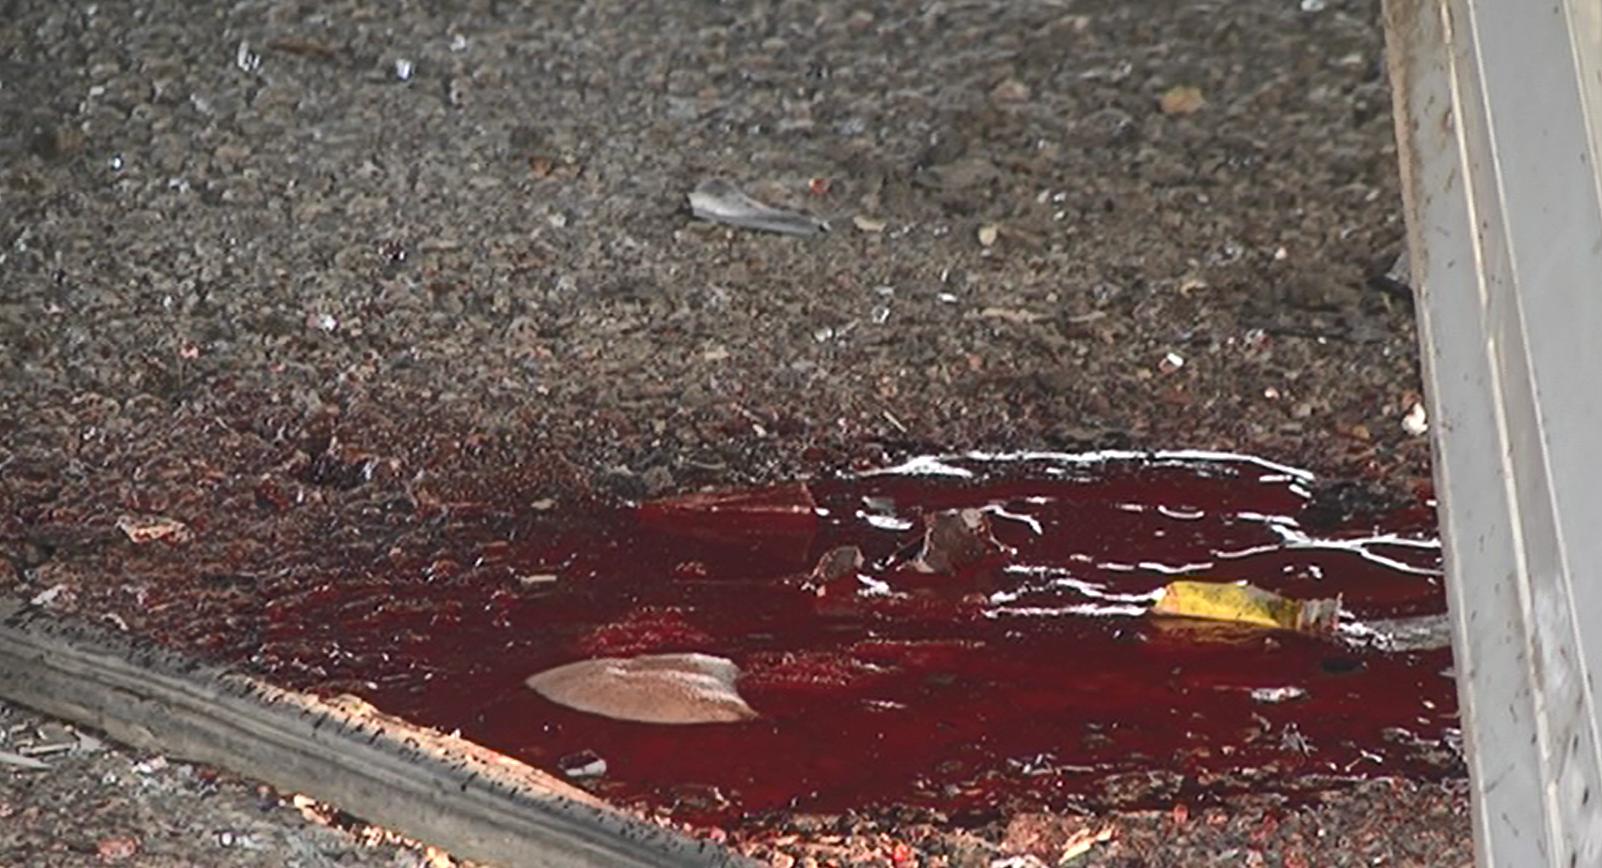 Выжившая в автокатастрофе пассажирка маршрутки рассказала подробности ДТП (Фото)